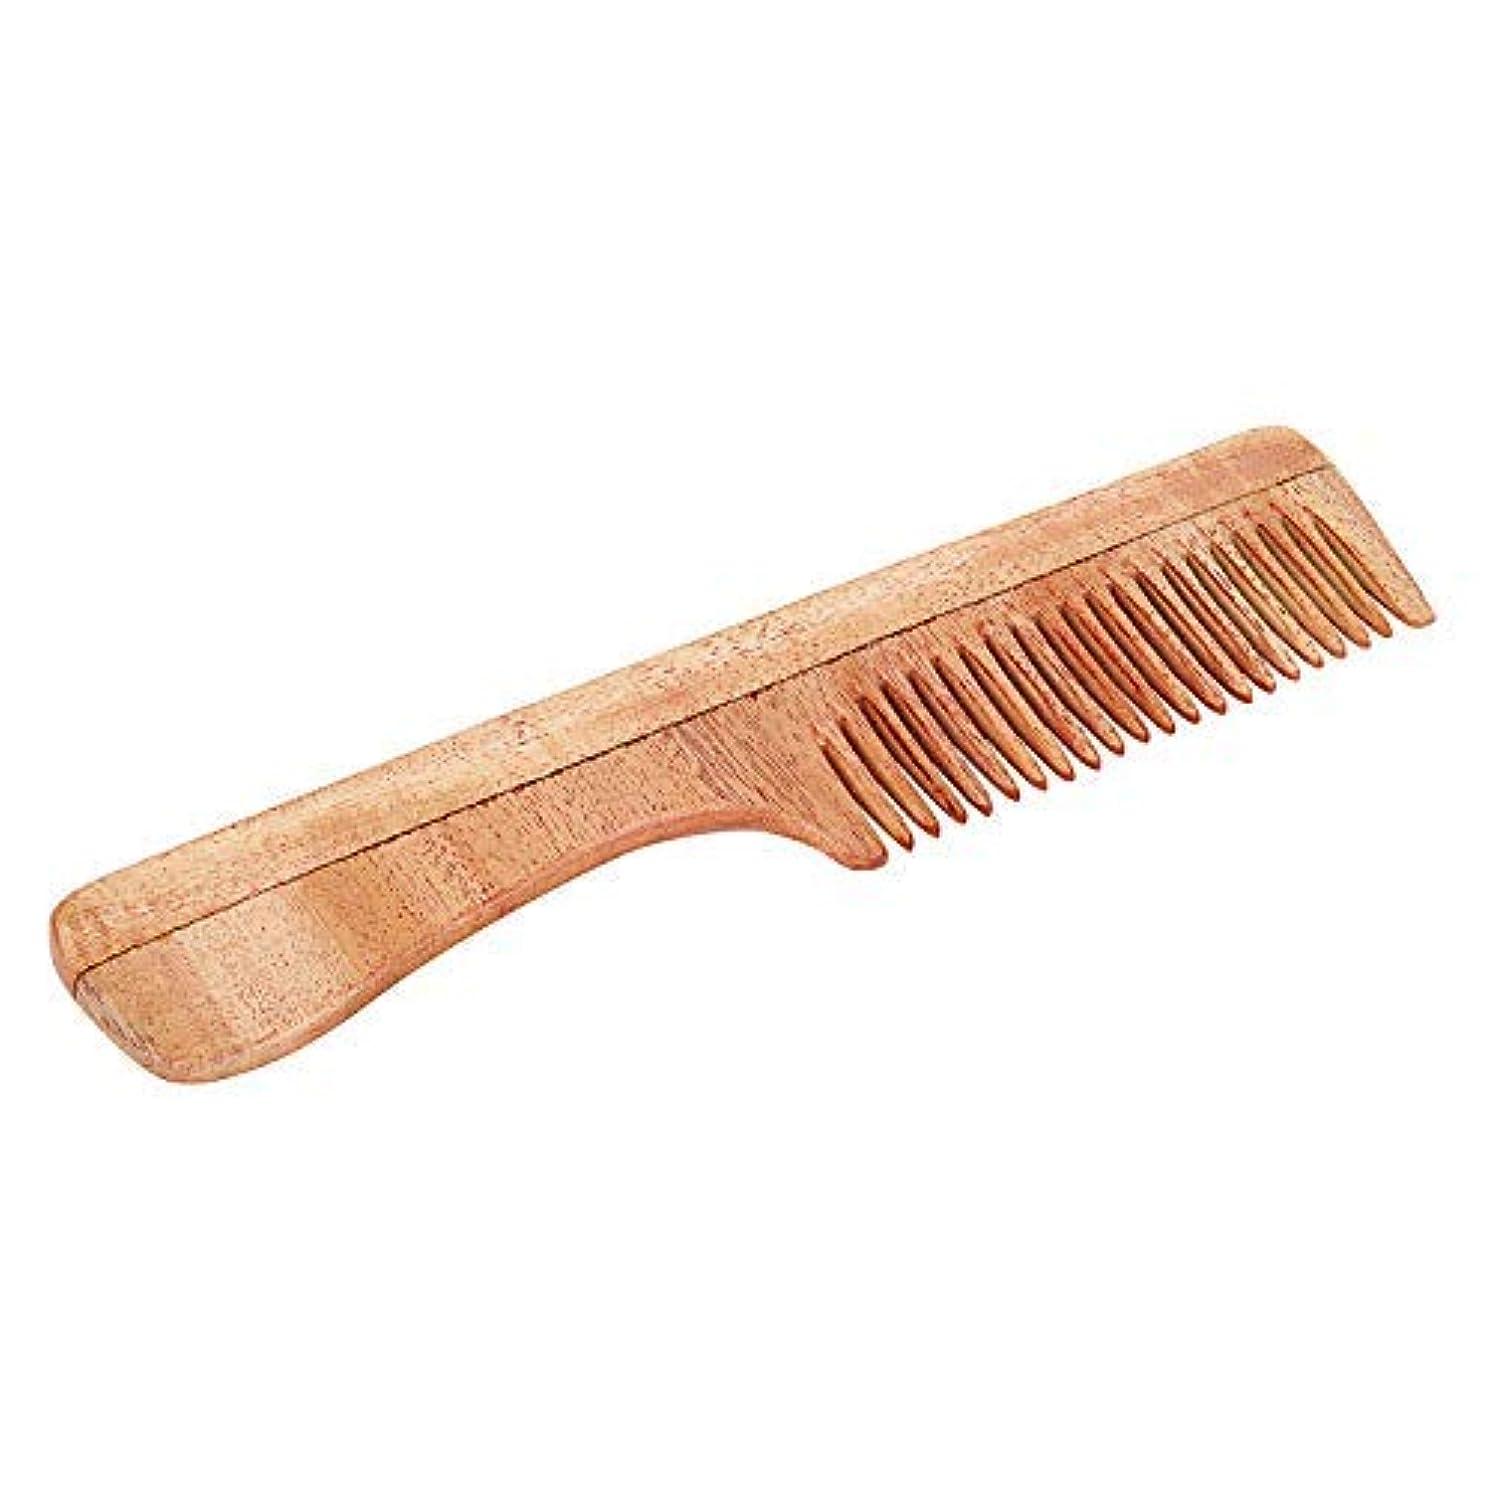 分注する感じパン屋SVATV Handcrafted Neem Wood Comb with Handle N-73 (7